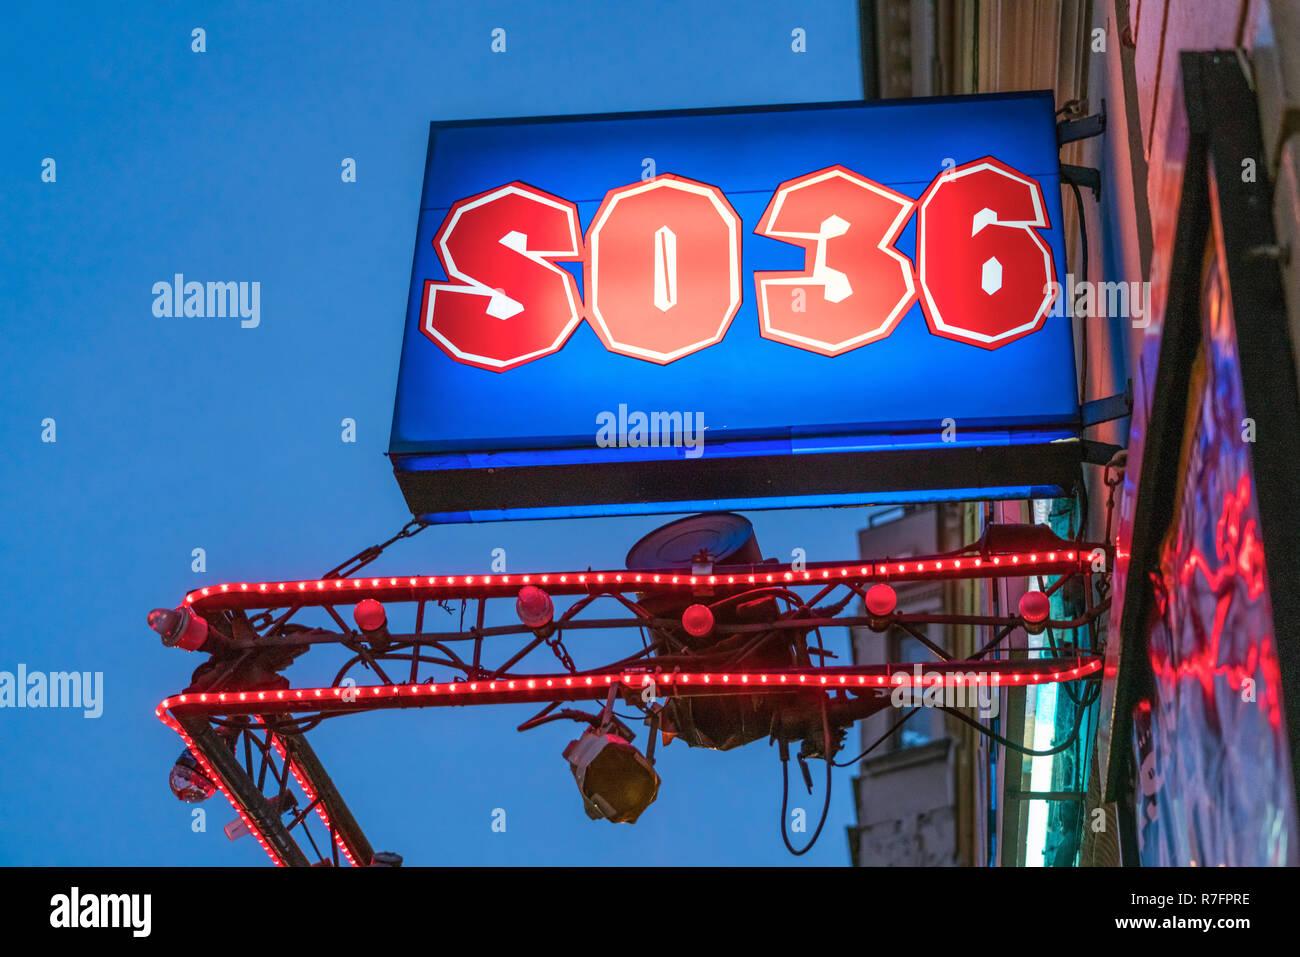 SO36 club in Kreuzberg, Oranienstrasse, nightlife Berlin - Stock Image